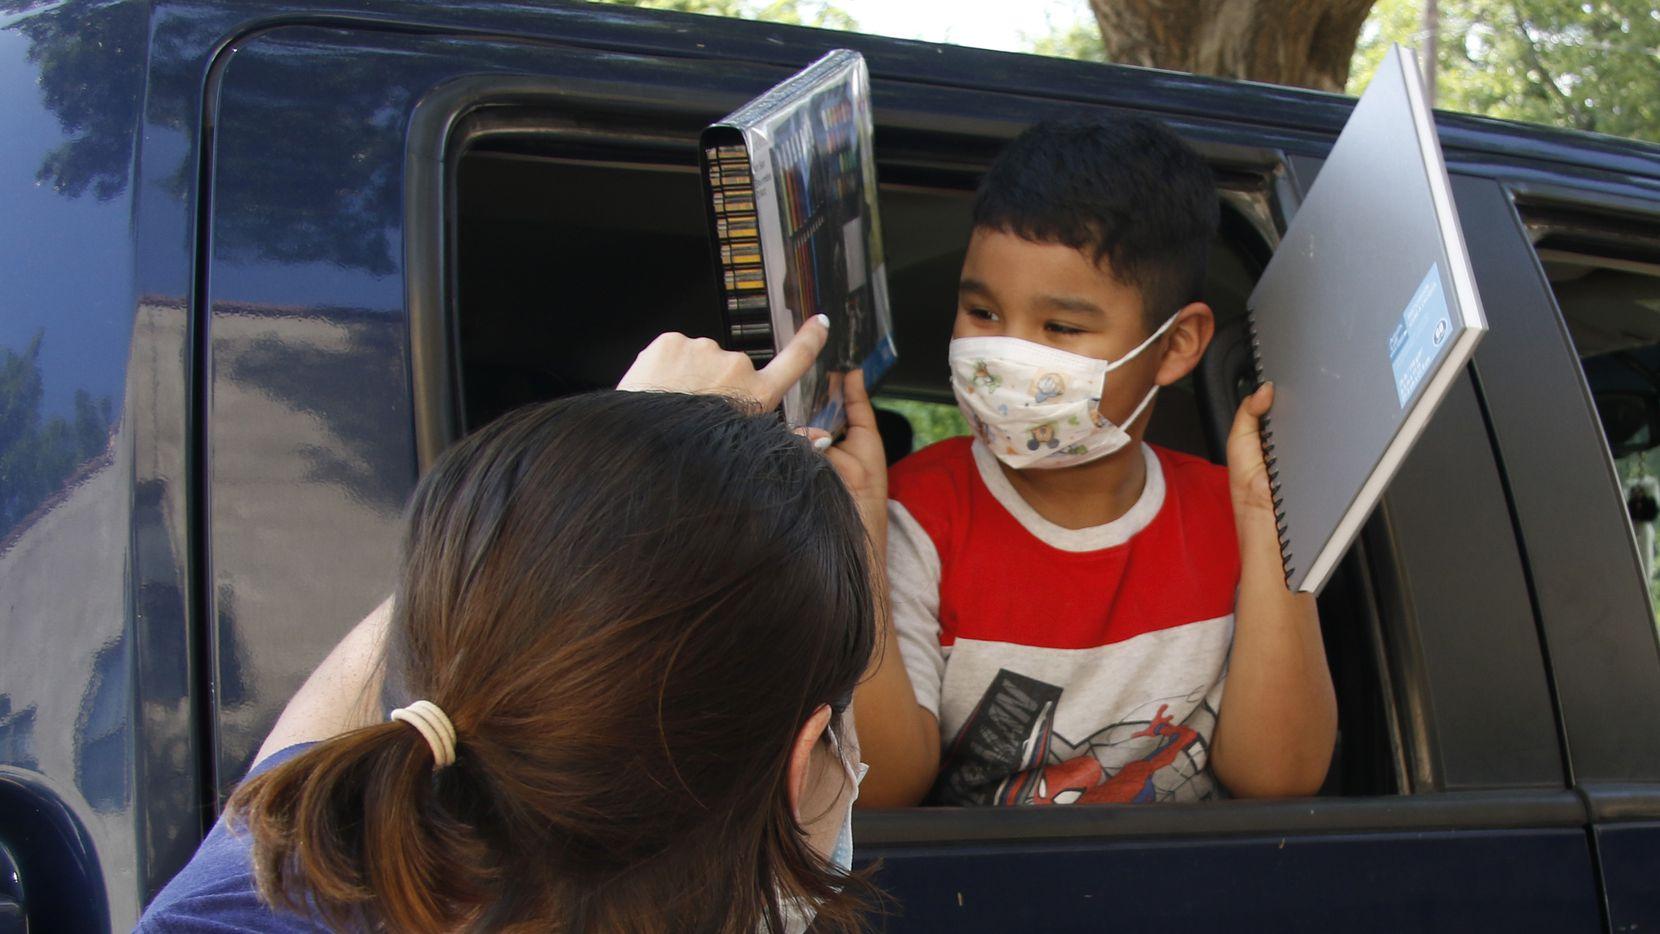 Diego Rincón, de 7 años, recibe feliz sus materiales de arte de su maestra Anden Suárez. Art House Dallas donó los materiales para los niños que participan en programas de verano en el Wesley-Rankin Community Center, en West Dallas.